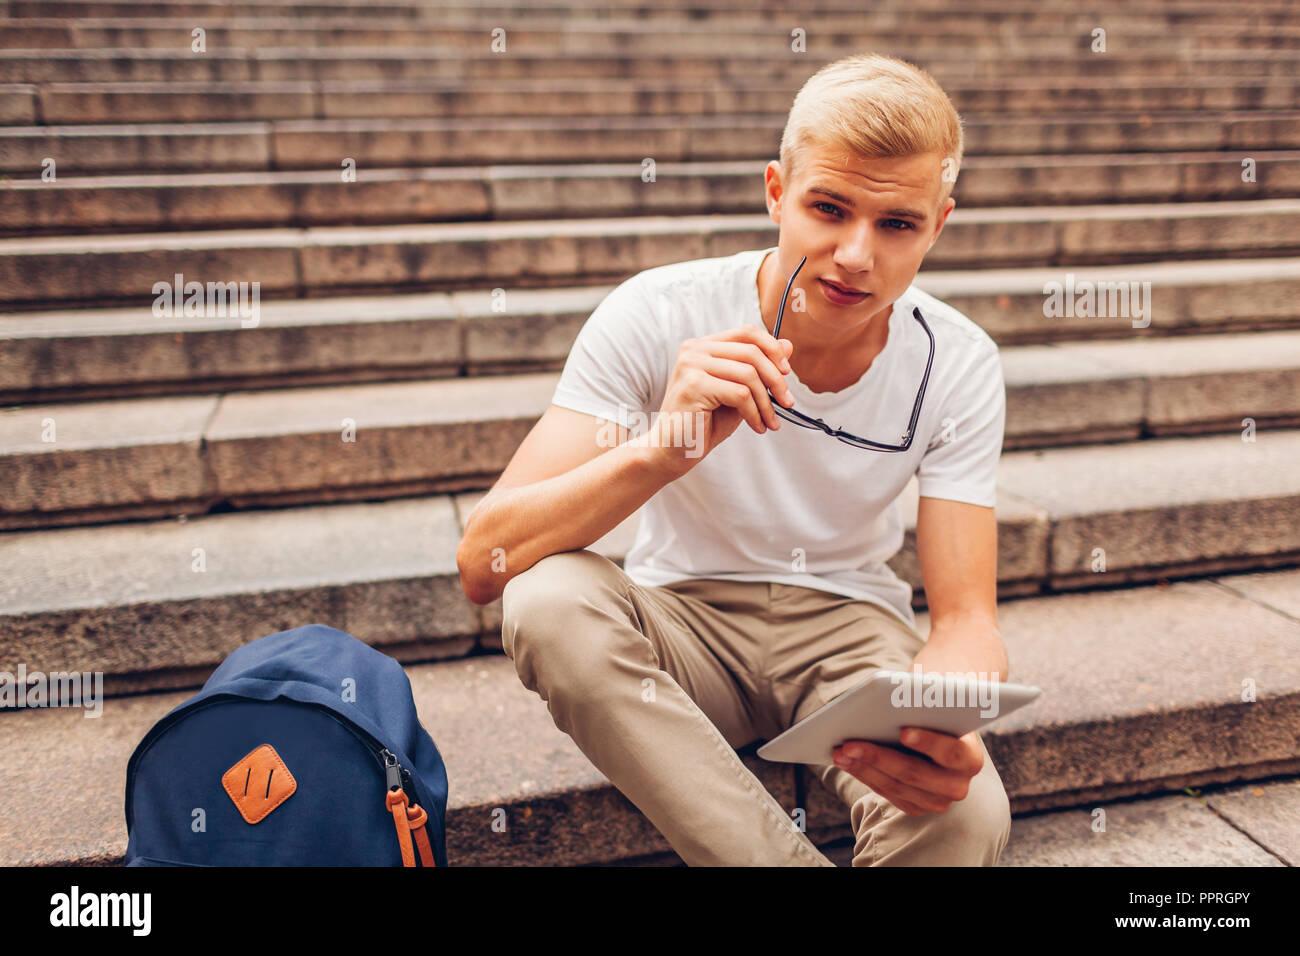 Estudiante universitario con mochila con tablet sentado en las escaleras y manteniendo las gafas. Guy estudiar en el exterior. Concepto de educación Imagen De Stock